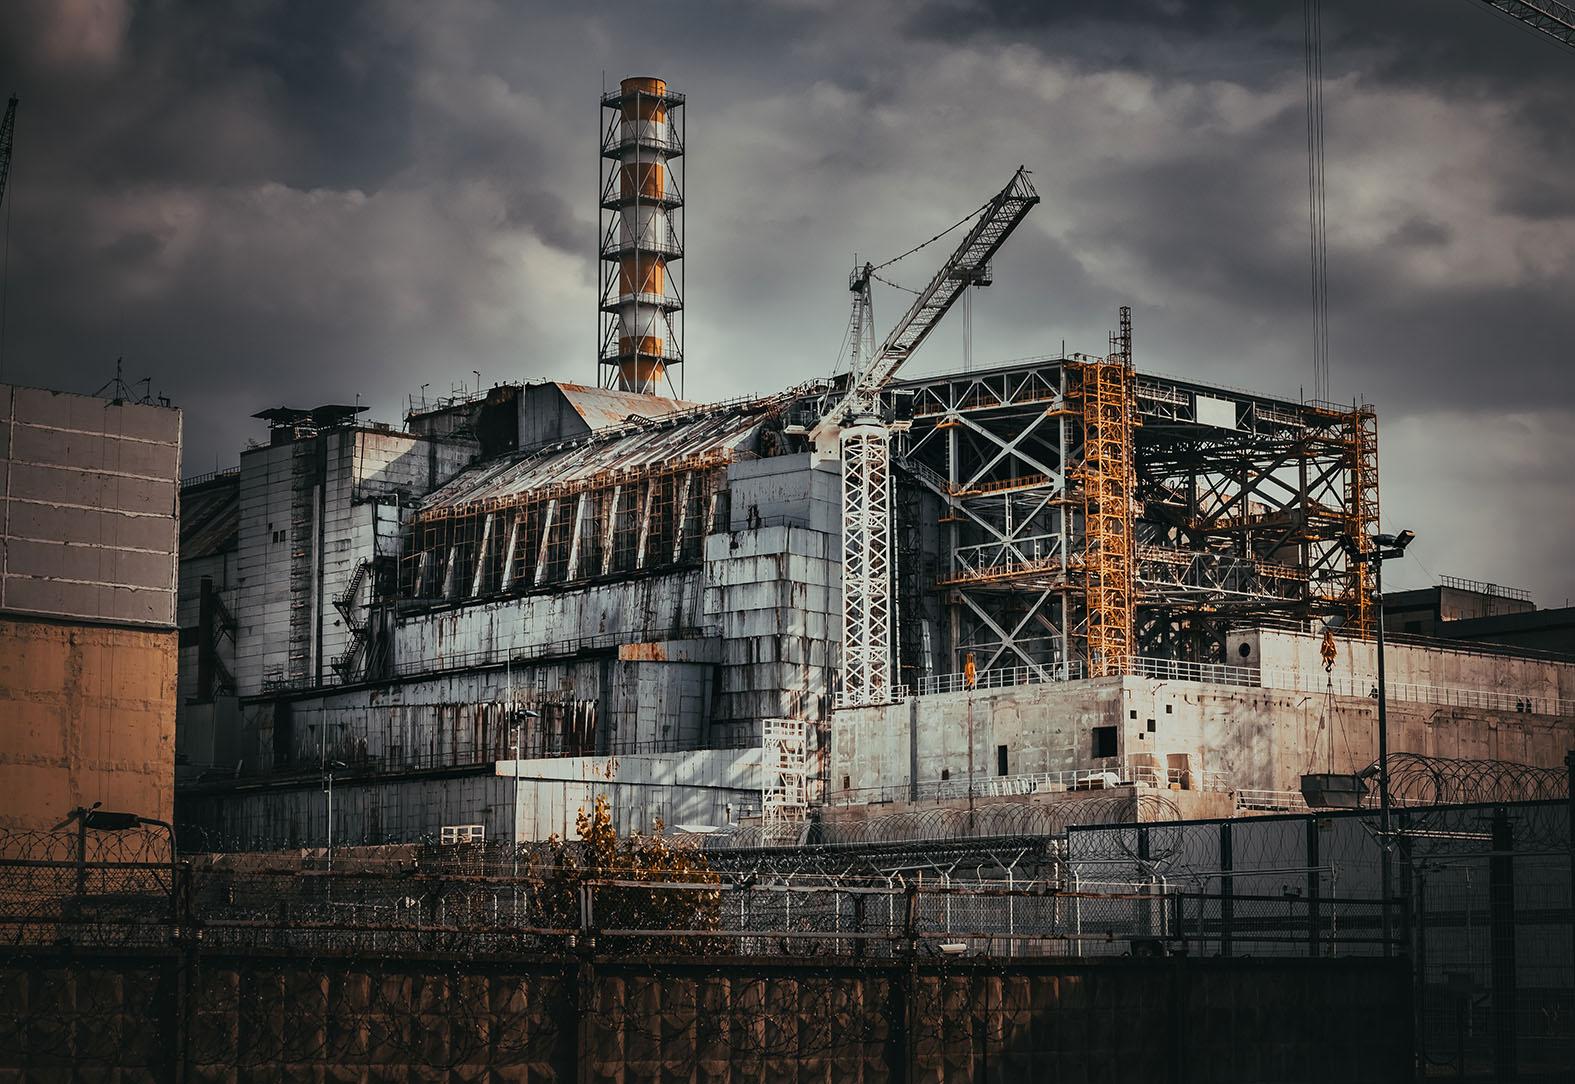 Авария на Ровенской АЭС почти в годовщину Чернобыля. Пронесло?